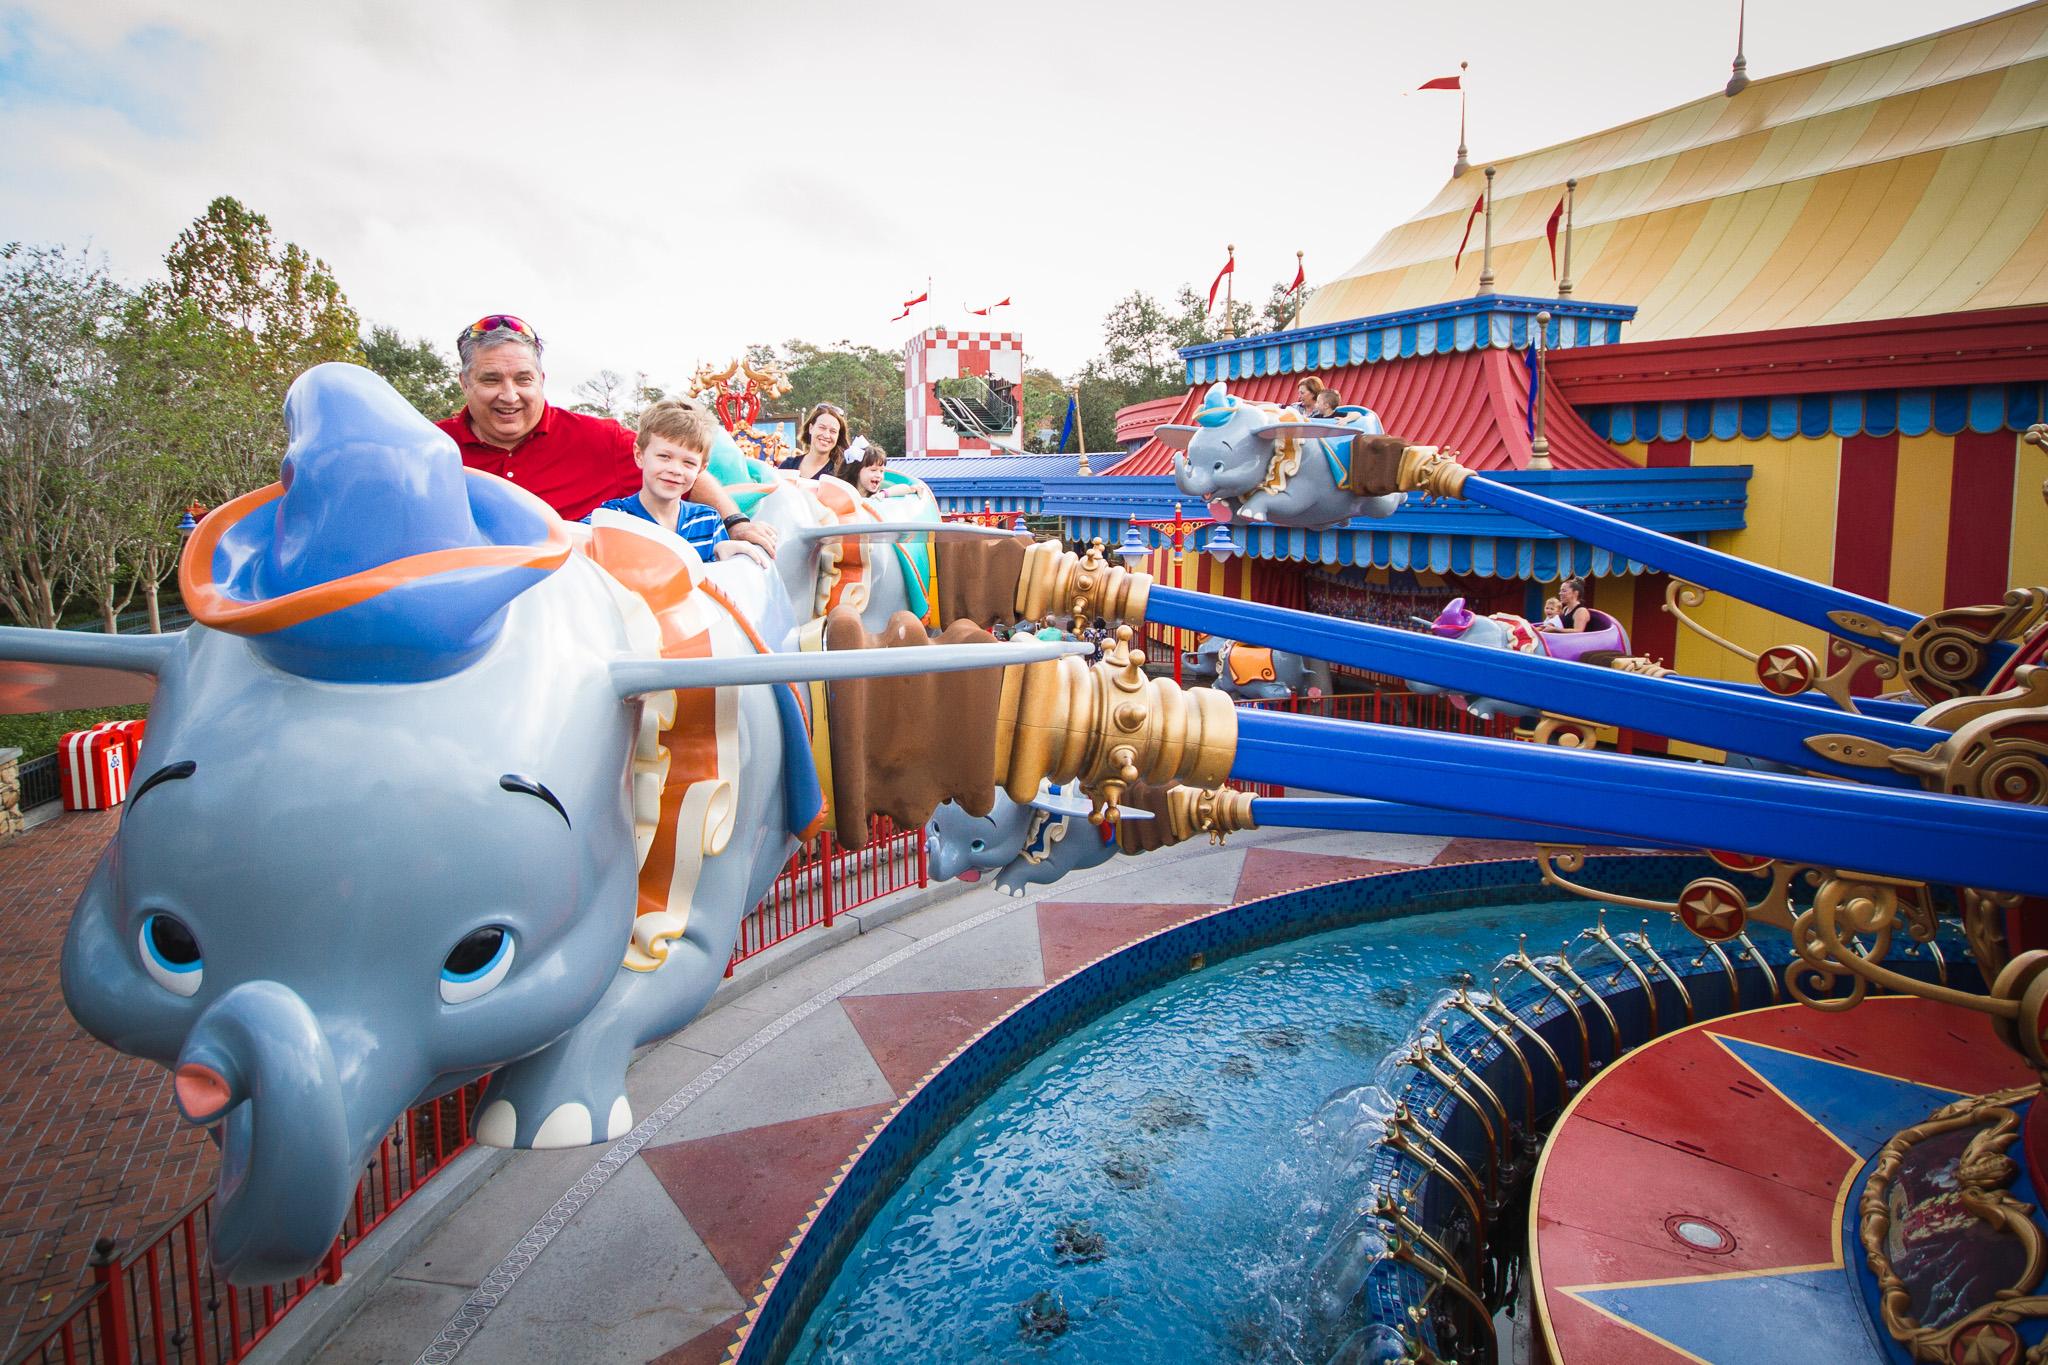 magic kingdom photographer / disney vacation photographer / dumbo the flying elephant